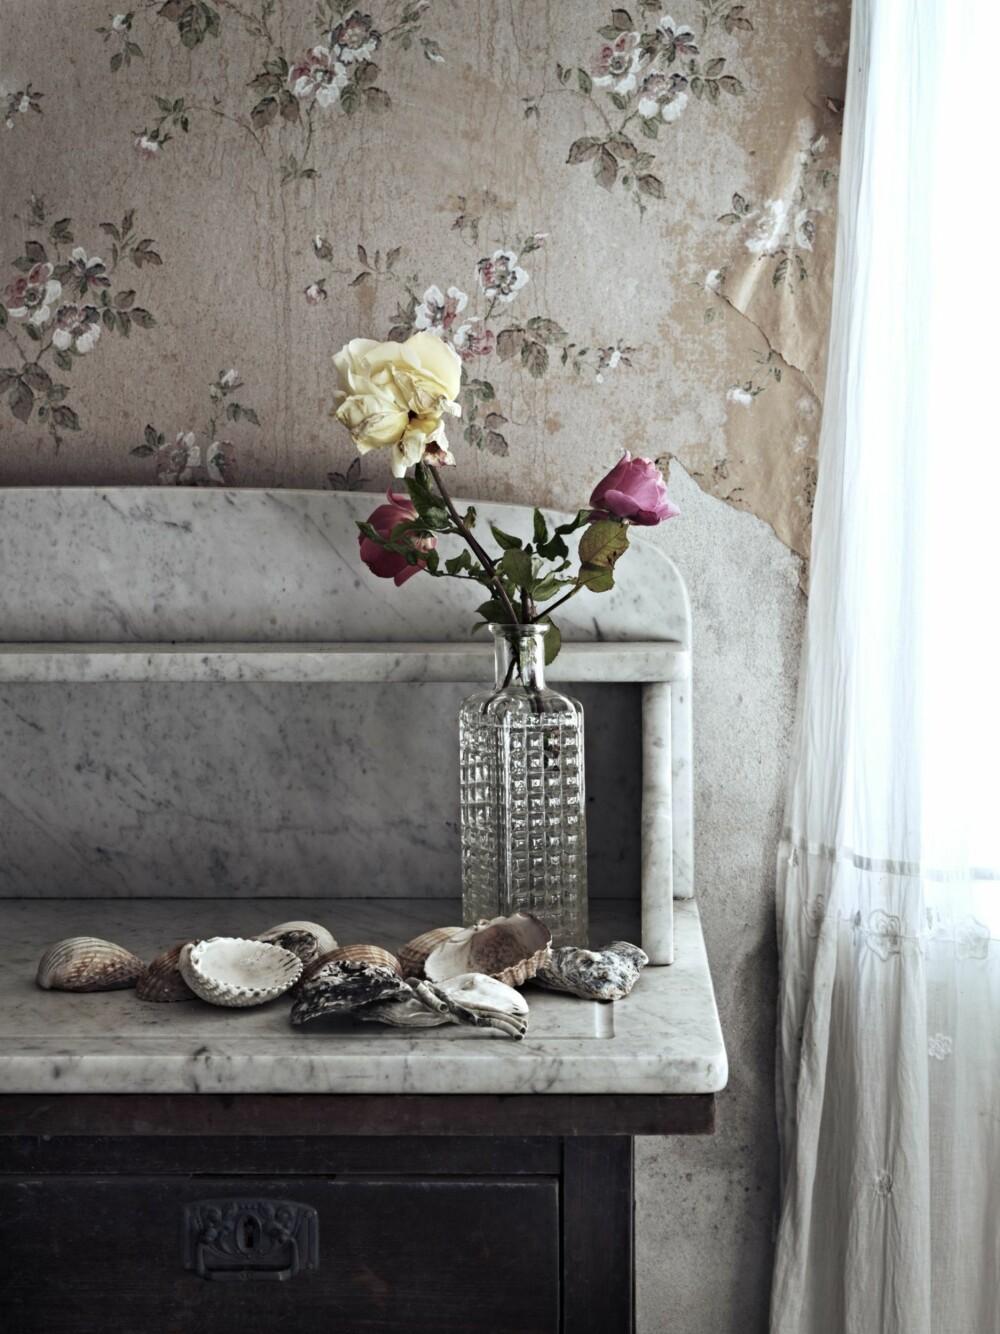 VAKRE DETALJER: Små stilleben med friske blomster og skjell frisker opp det gamle tapetet med blomstermønster.